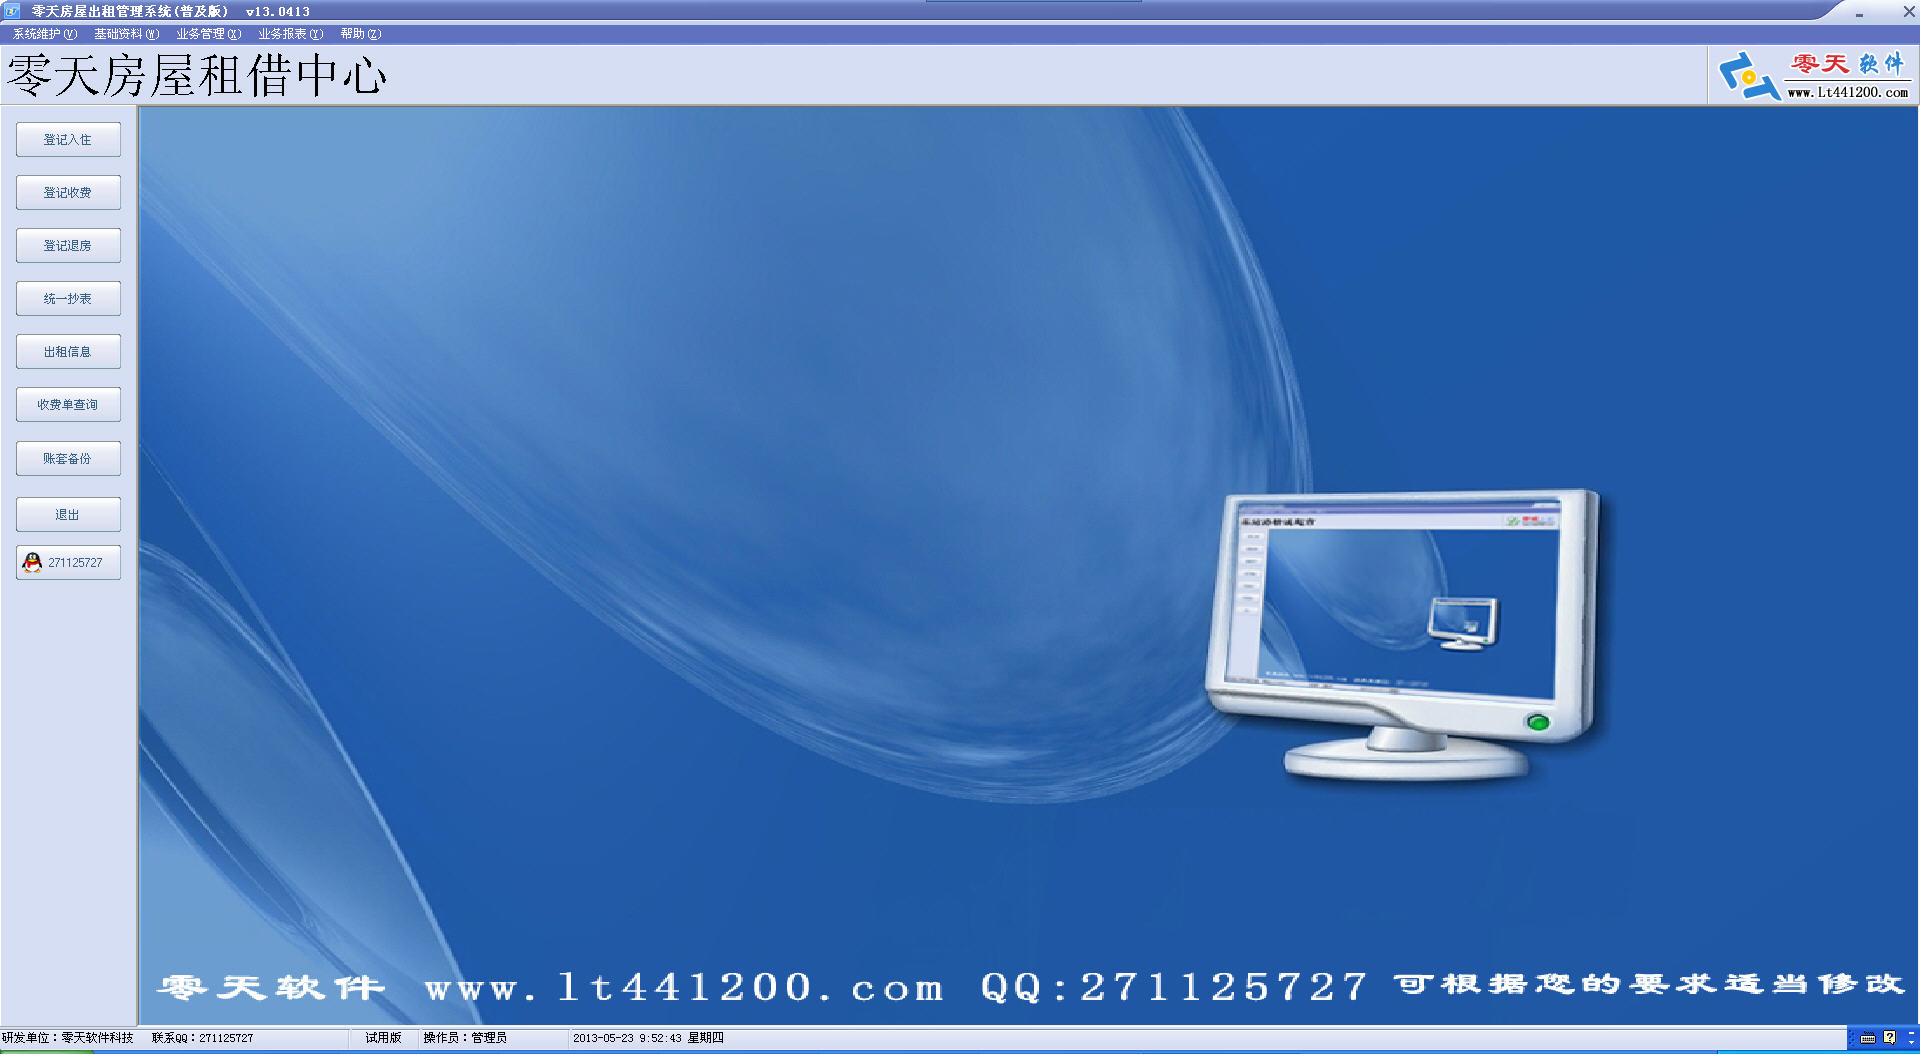 零天房屋出租管理系统V15.1217 电脑版